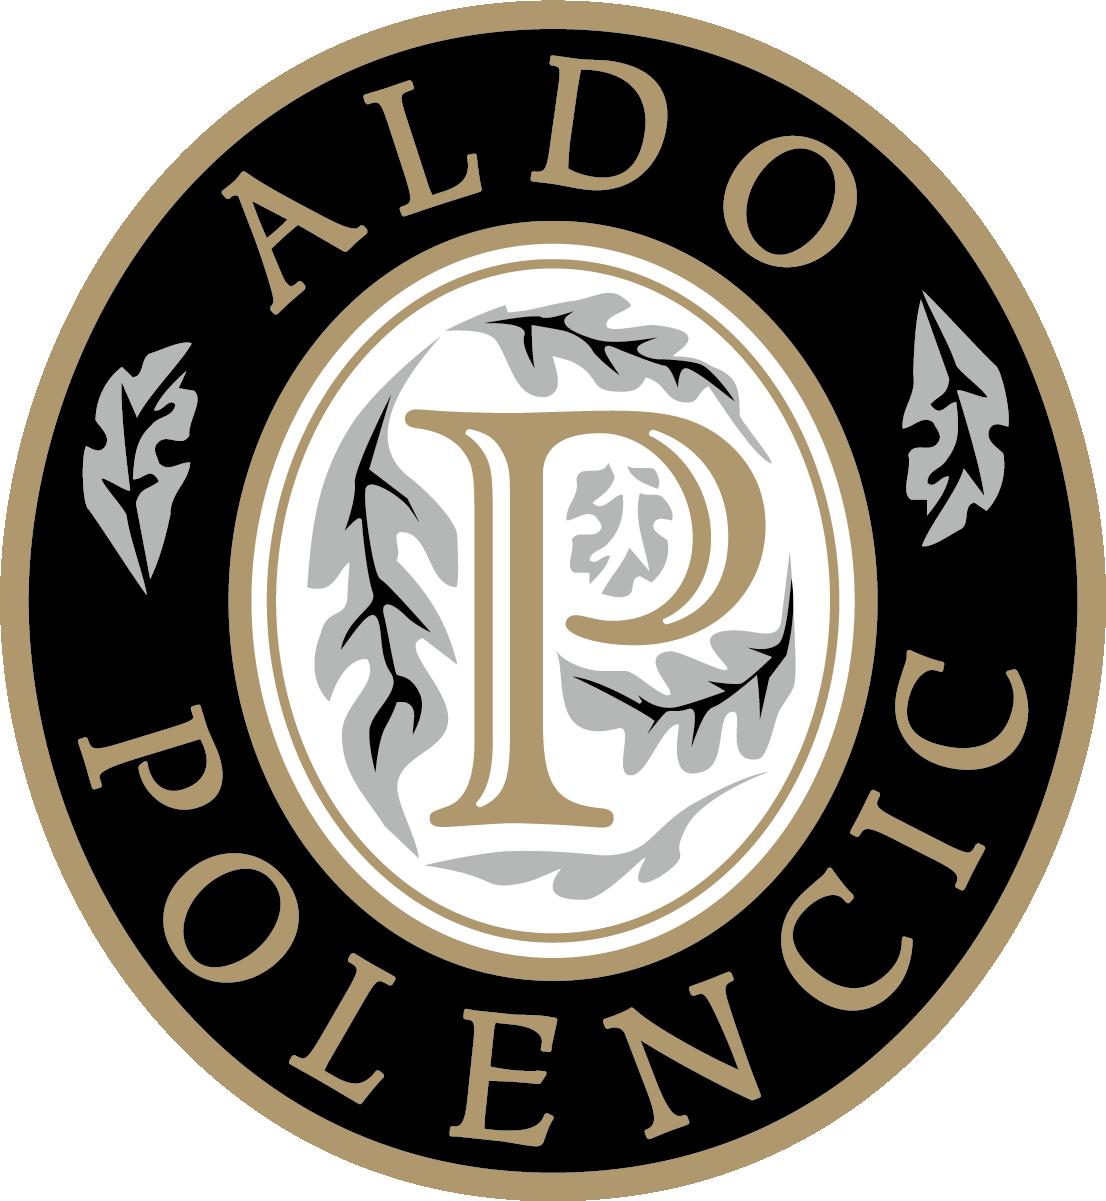 Aldo Polencic